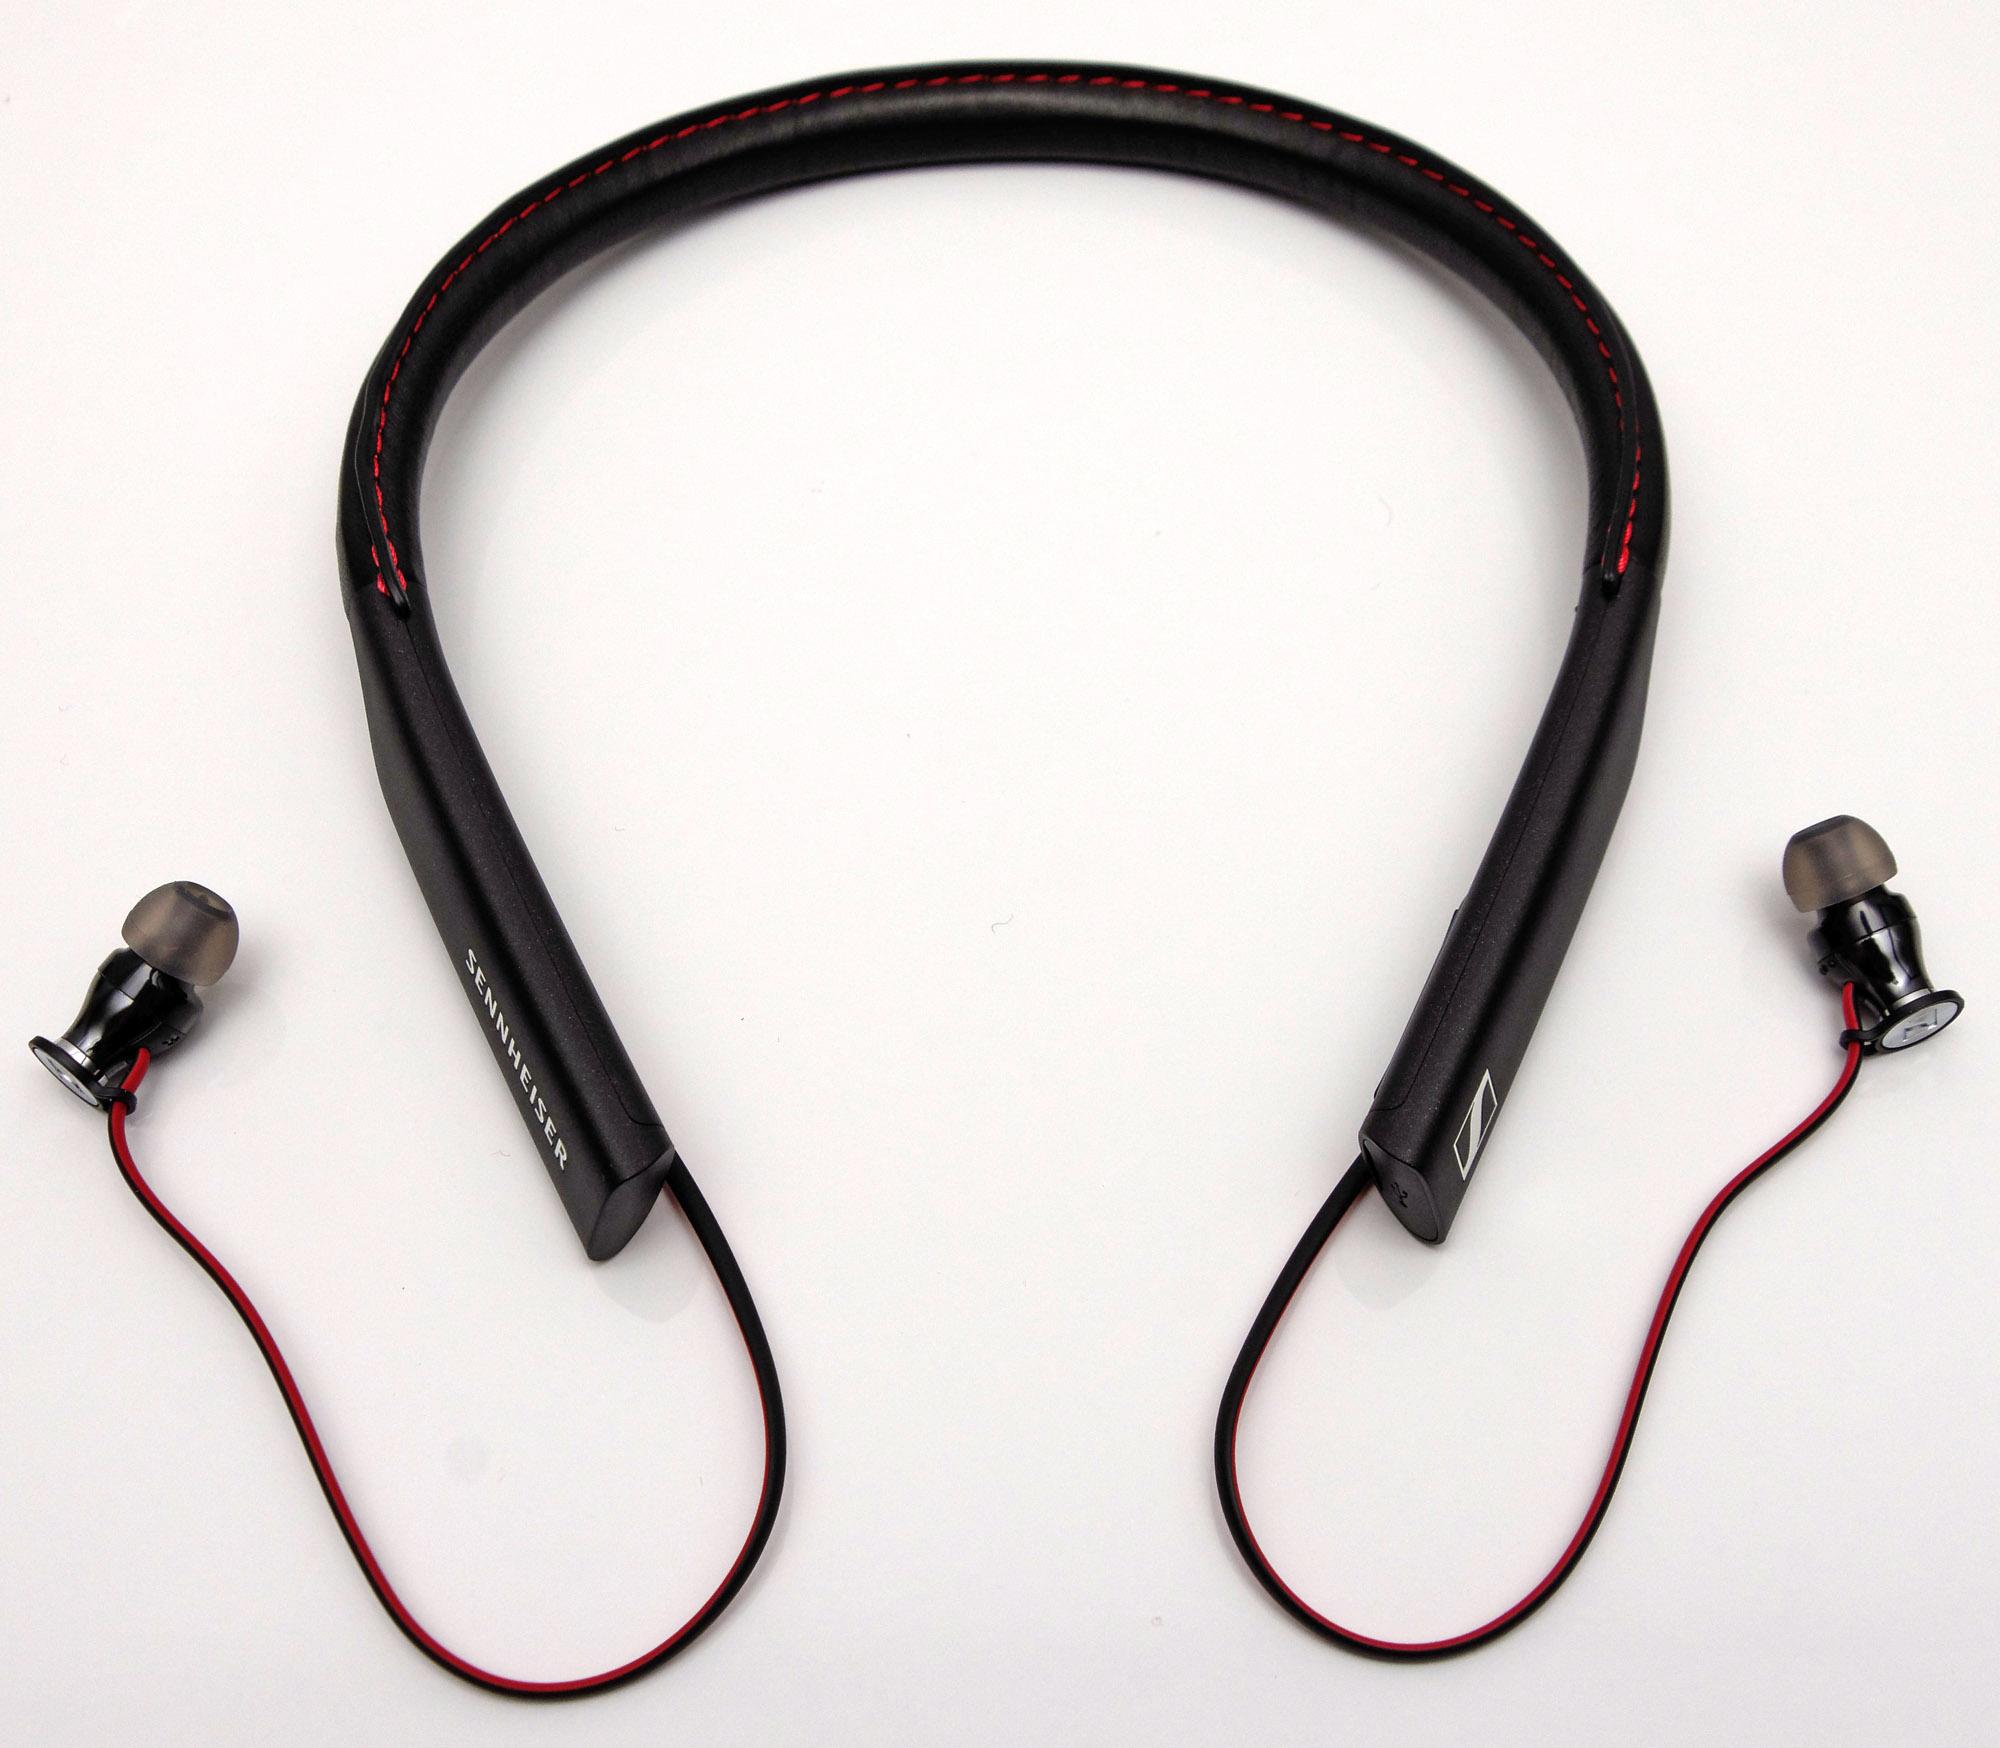 Test Sennheiser Momentum In Ear Wireless I Bjlen Er Betrukket Med Bldt Lder Og Fles Meget Behagelig Mod Huden Der Ikke Noget Klemmer Eller Kradser Medflger Ekstra Repropper 3